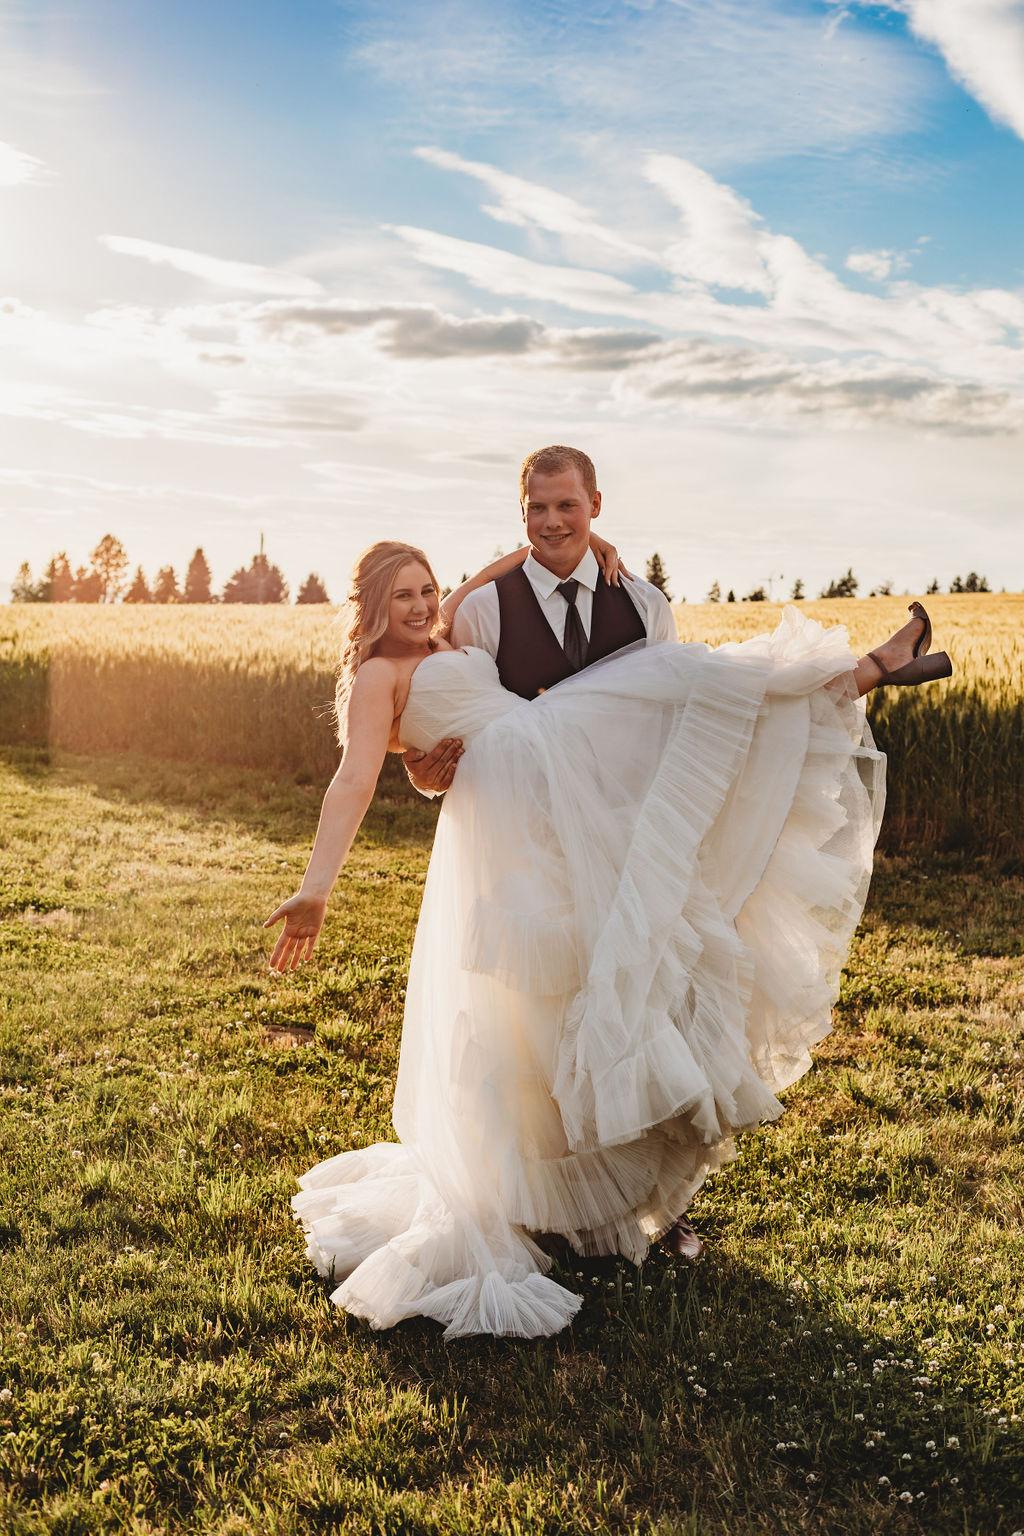 spokane wedding bride and groom